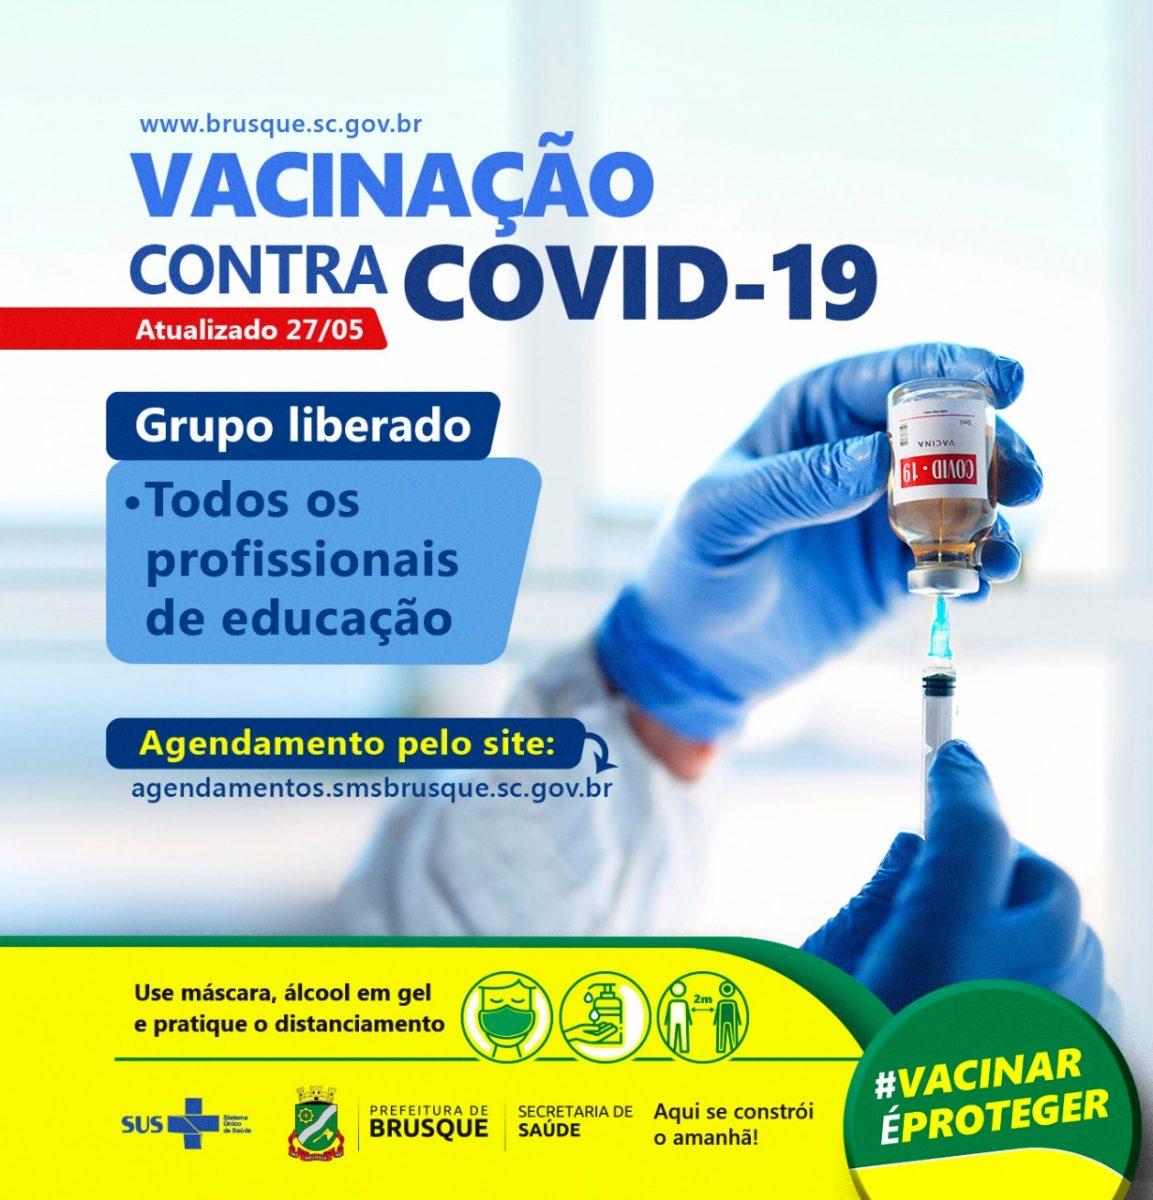 Covid-19: Brusque abre agendamento para todos os profissionais de educação